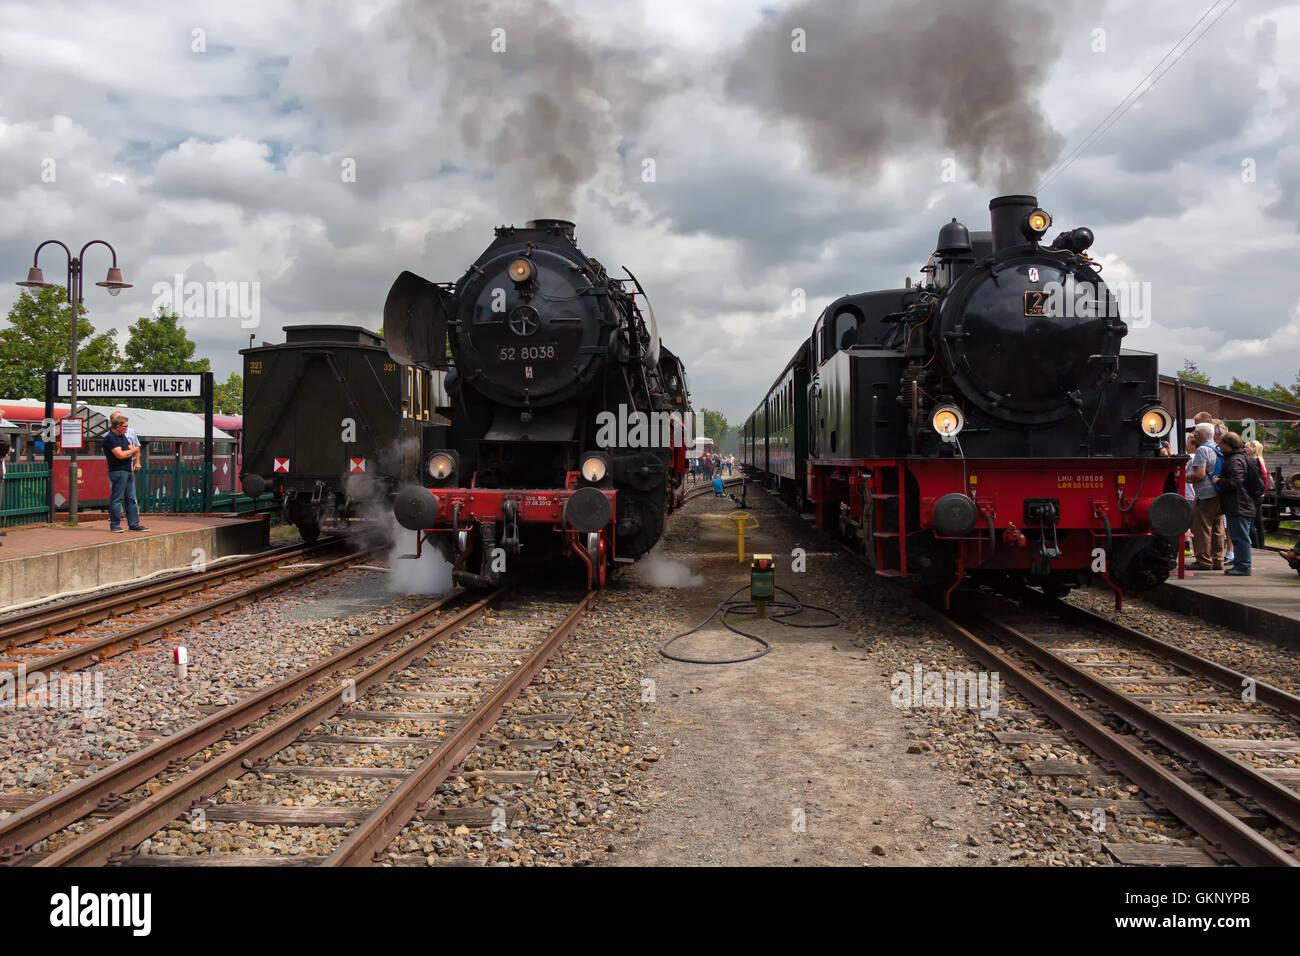 52 8038 of Dampfeisenbahn Weserbergland and DHEF 2 'Anna' of Jan Harpstedt at Bruchhausen-Vilsen, Germany. - Stock Image